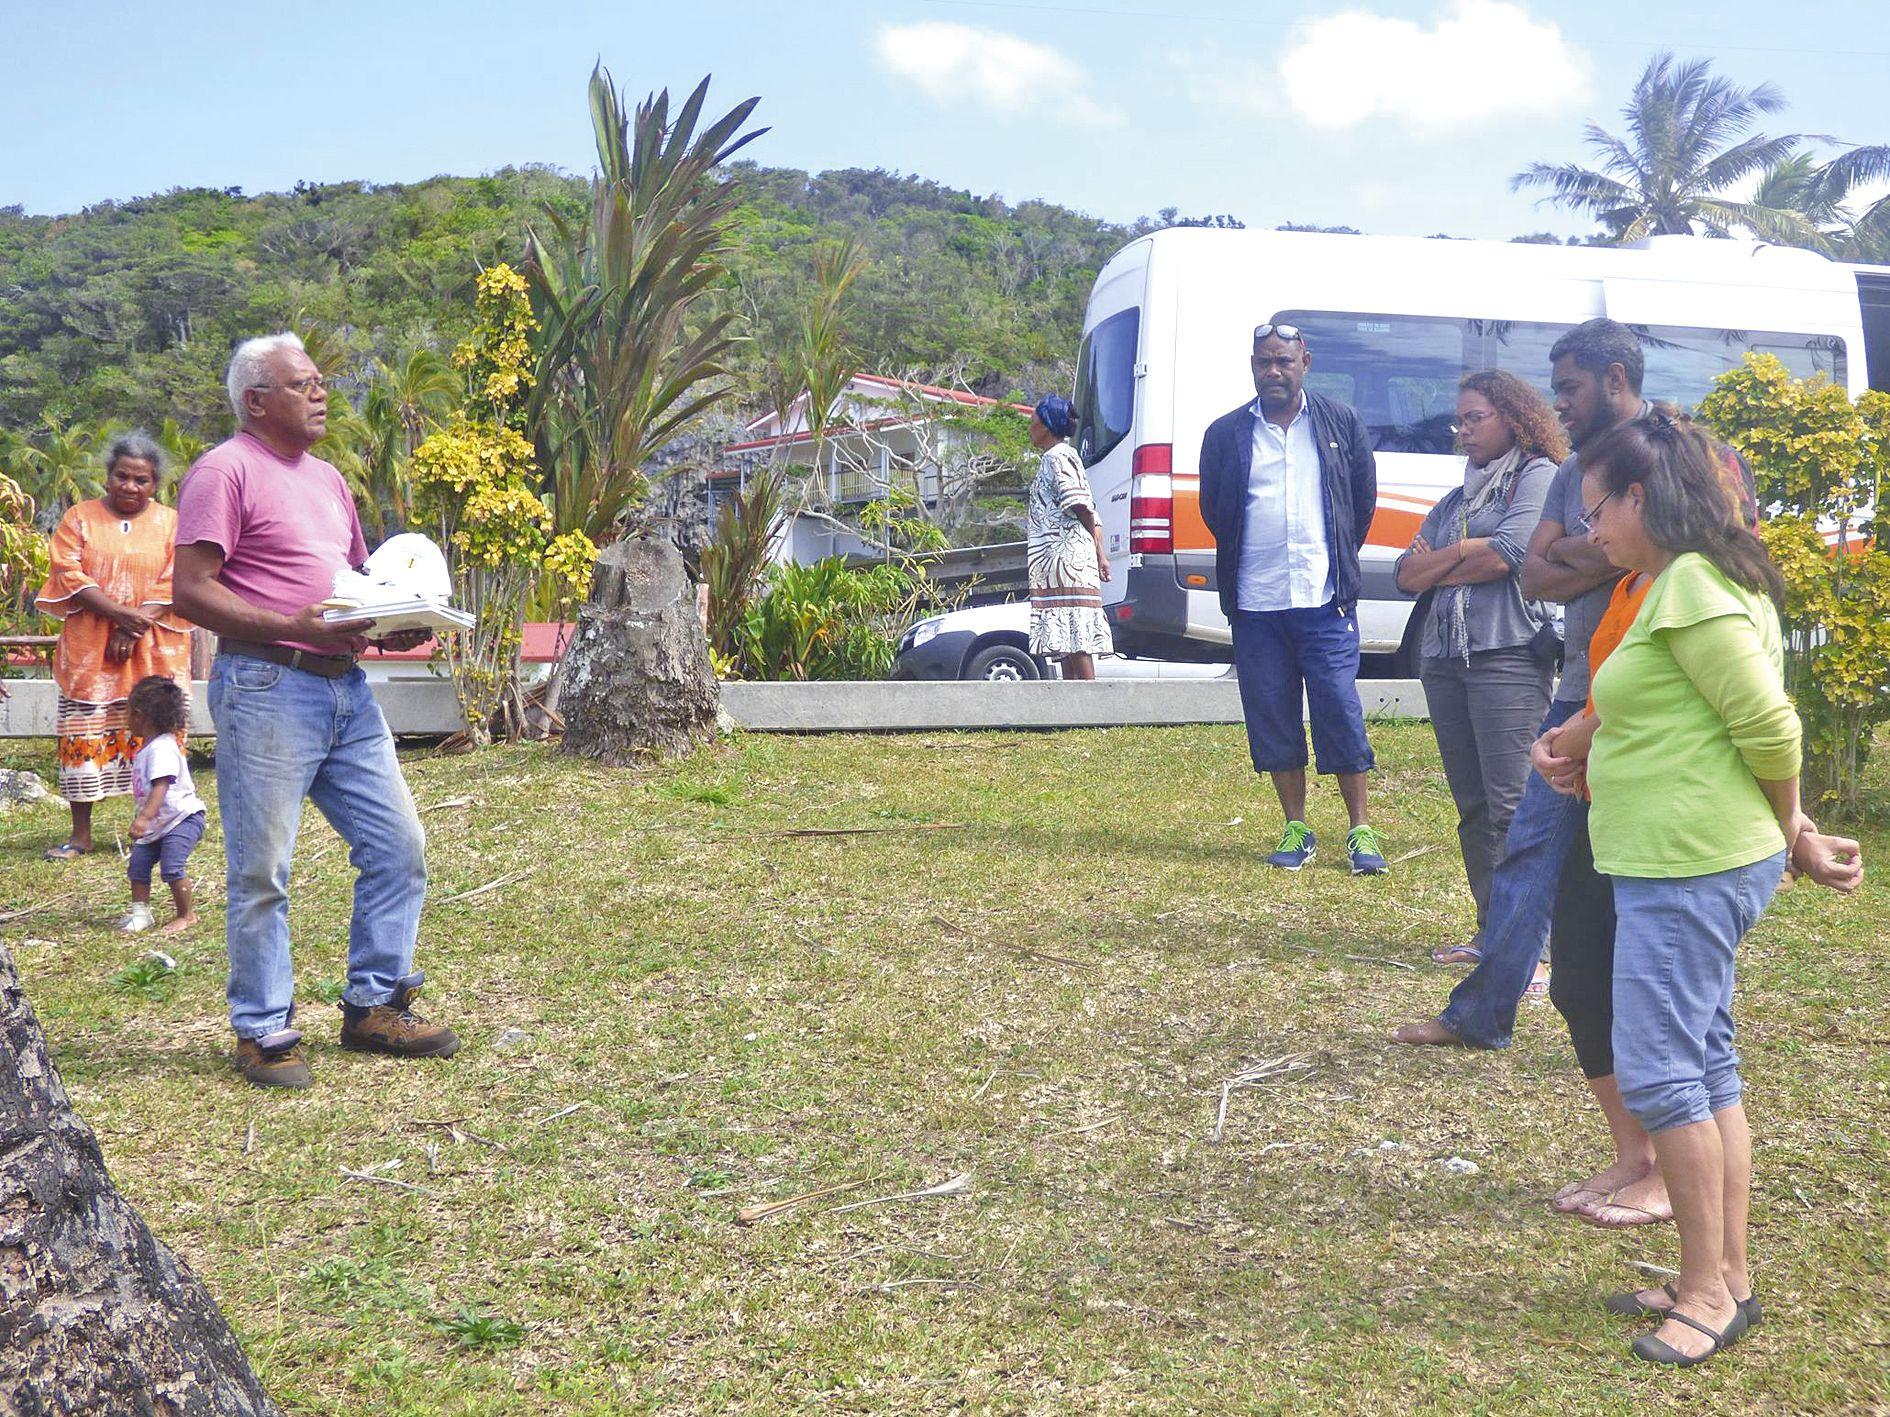 Sur la plage, un geste coutumier a eu lieu entre le service de l'environnement de la PIL, les bénévoles de l'Aquarium et le propriétaire terrien Georges Streter.